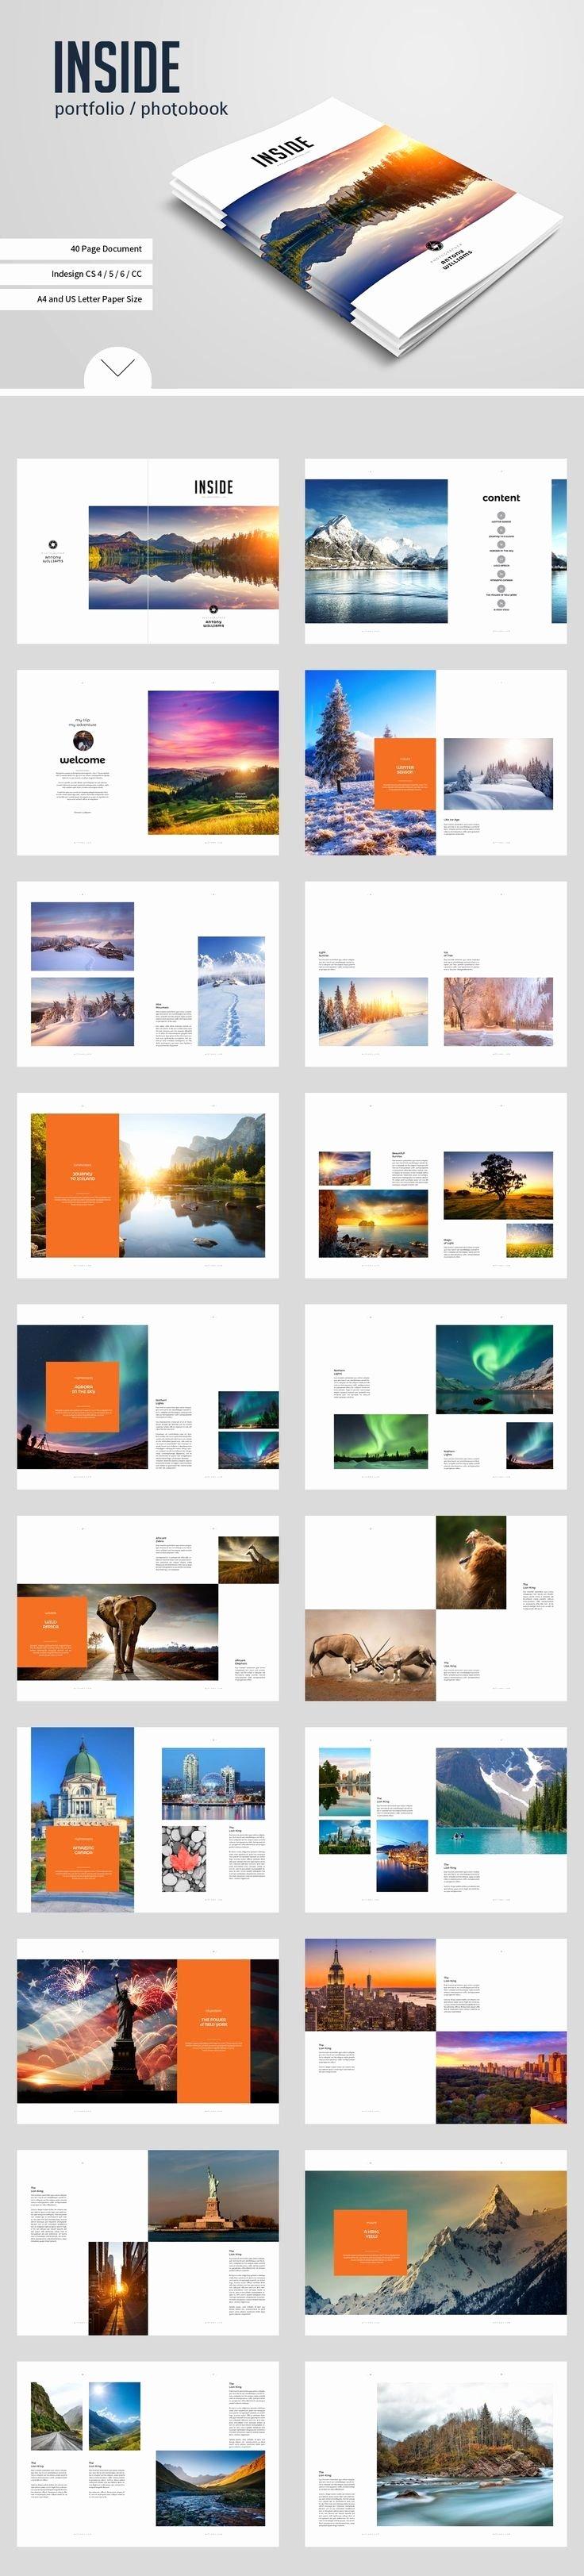 Architecture Portfolio Template Indesign Luxury Architecture Portfolio Layouts Samples Free